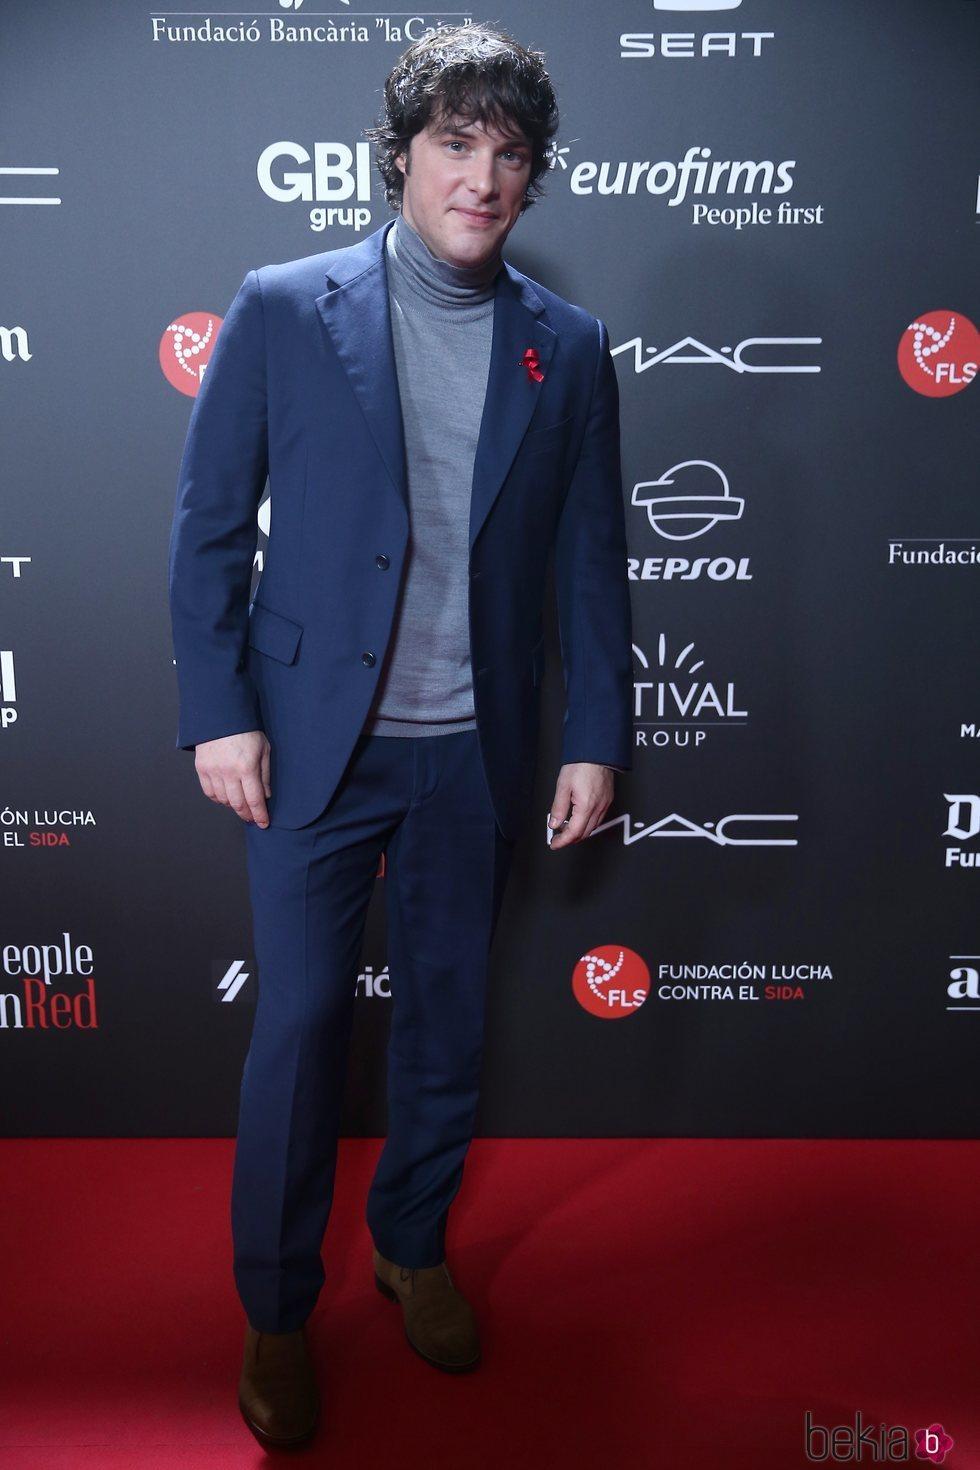 Jordi Cruz en la gala 'People in red' 2018